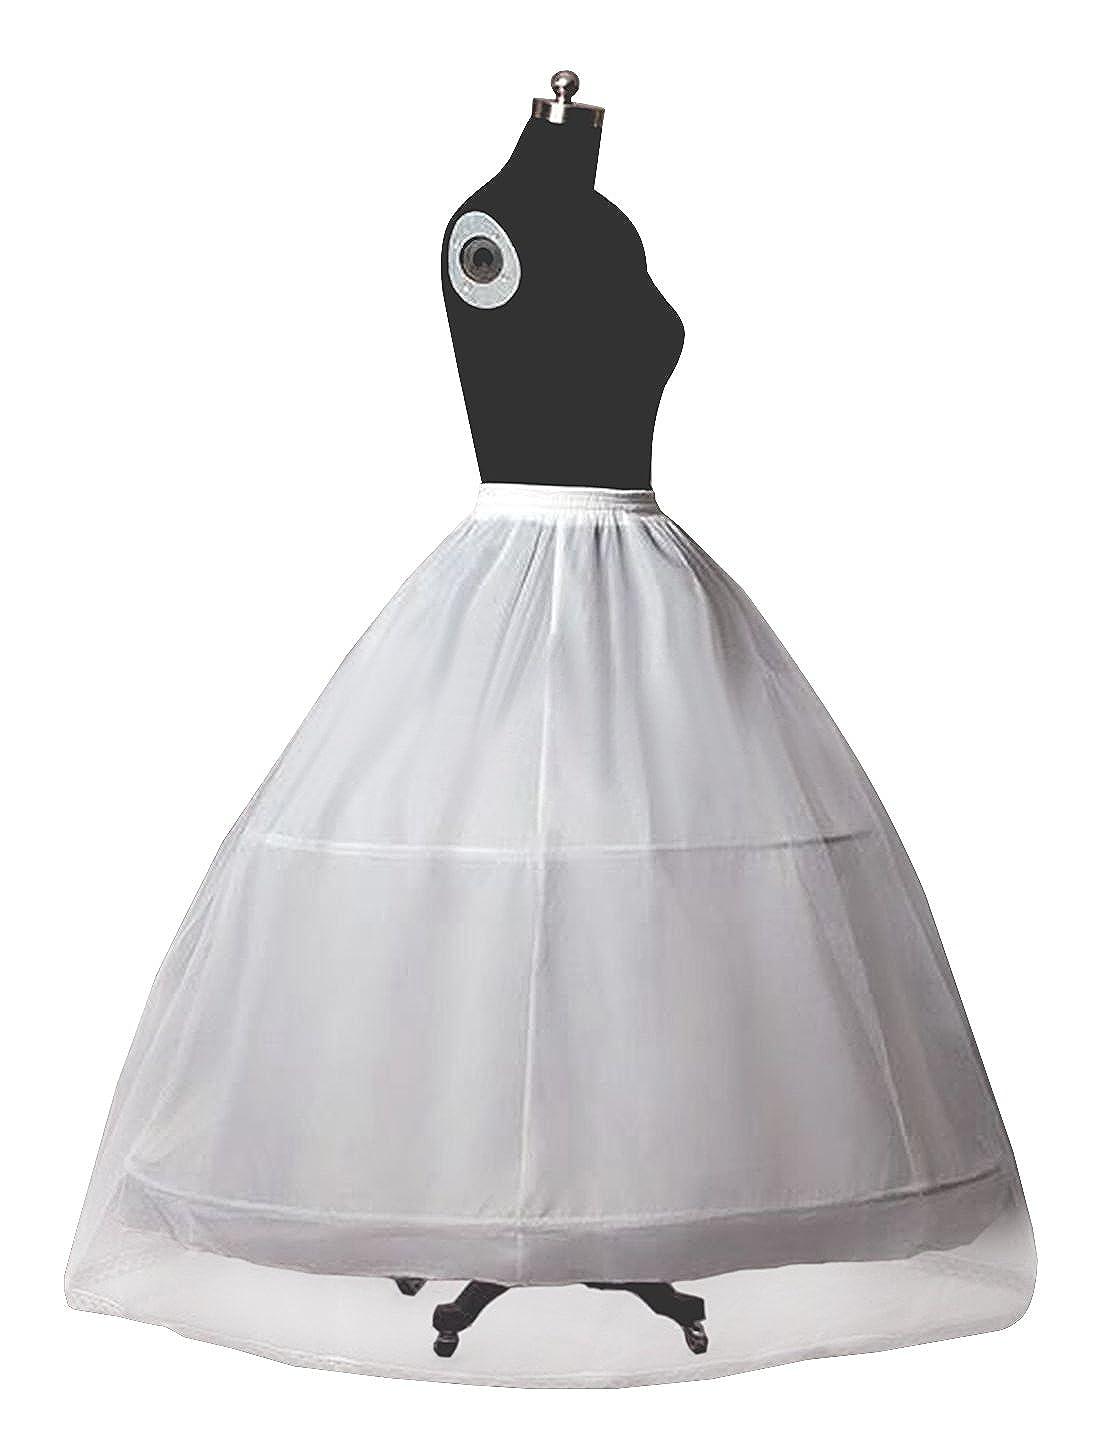 9d893fd35e Top3: Petticoat Bridal Crinoline for Women Wedding Dress A-line Underskirt  Full Slip 2 Hoops Floor-Length Normal&Plus Size